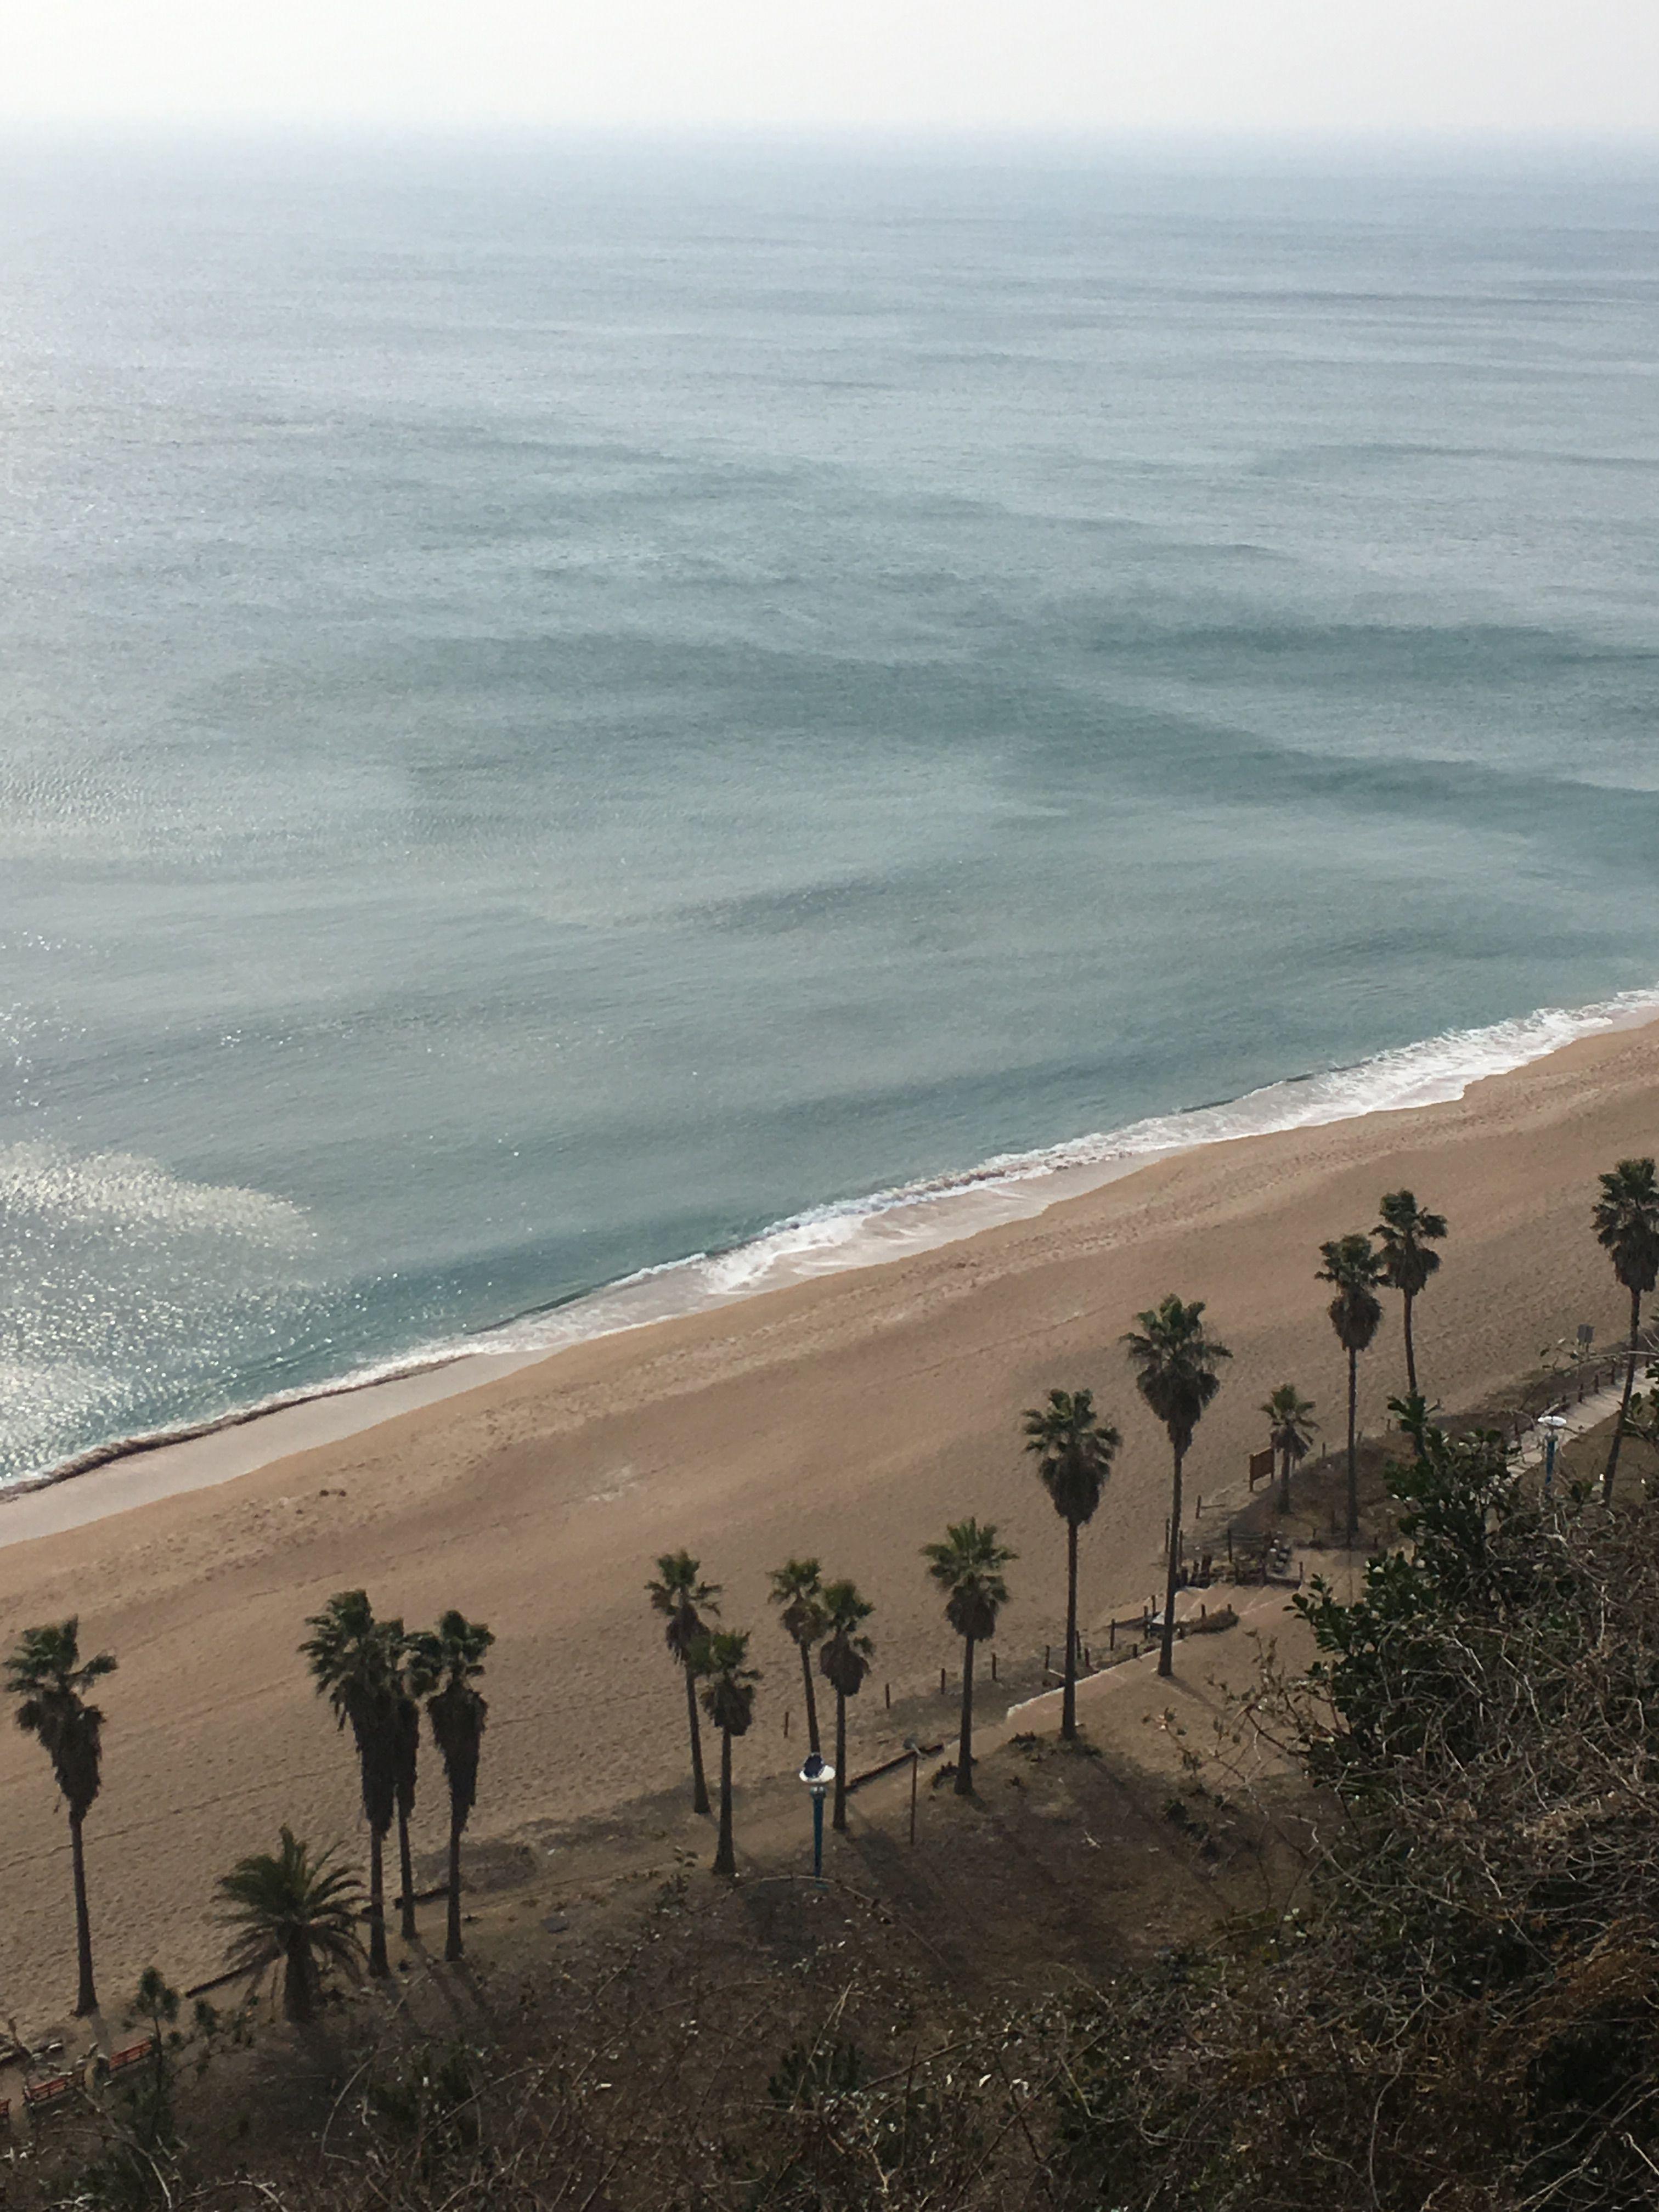 색달 해변